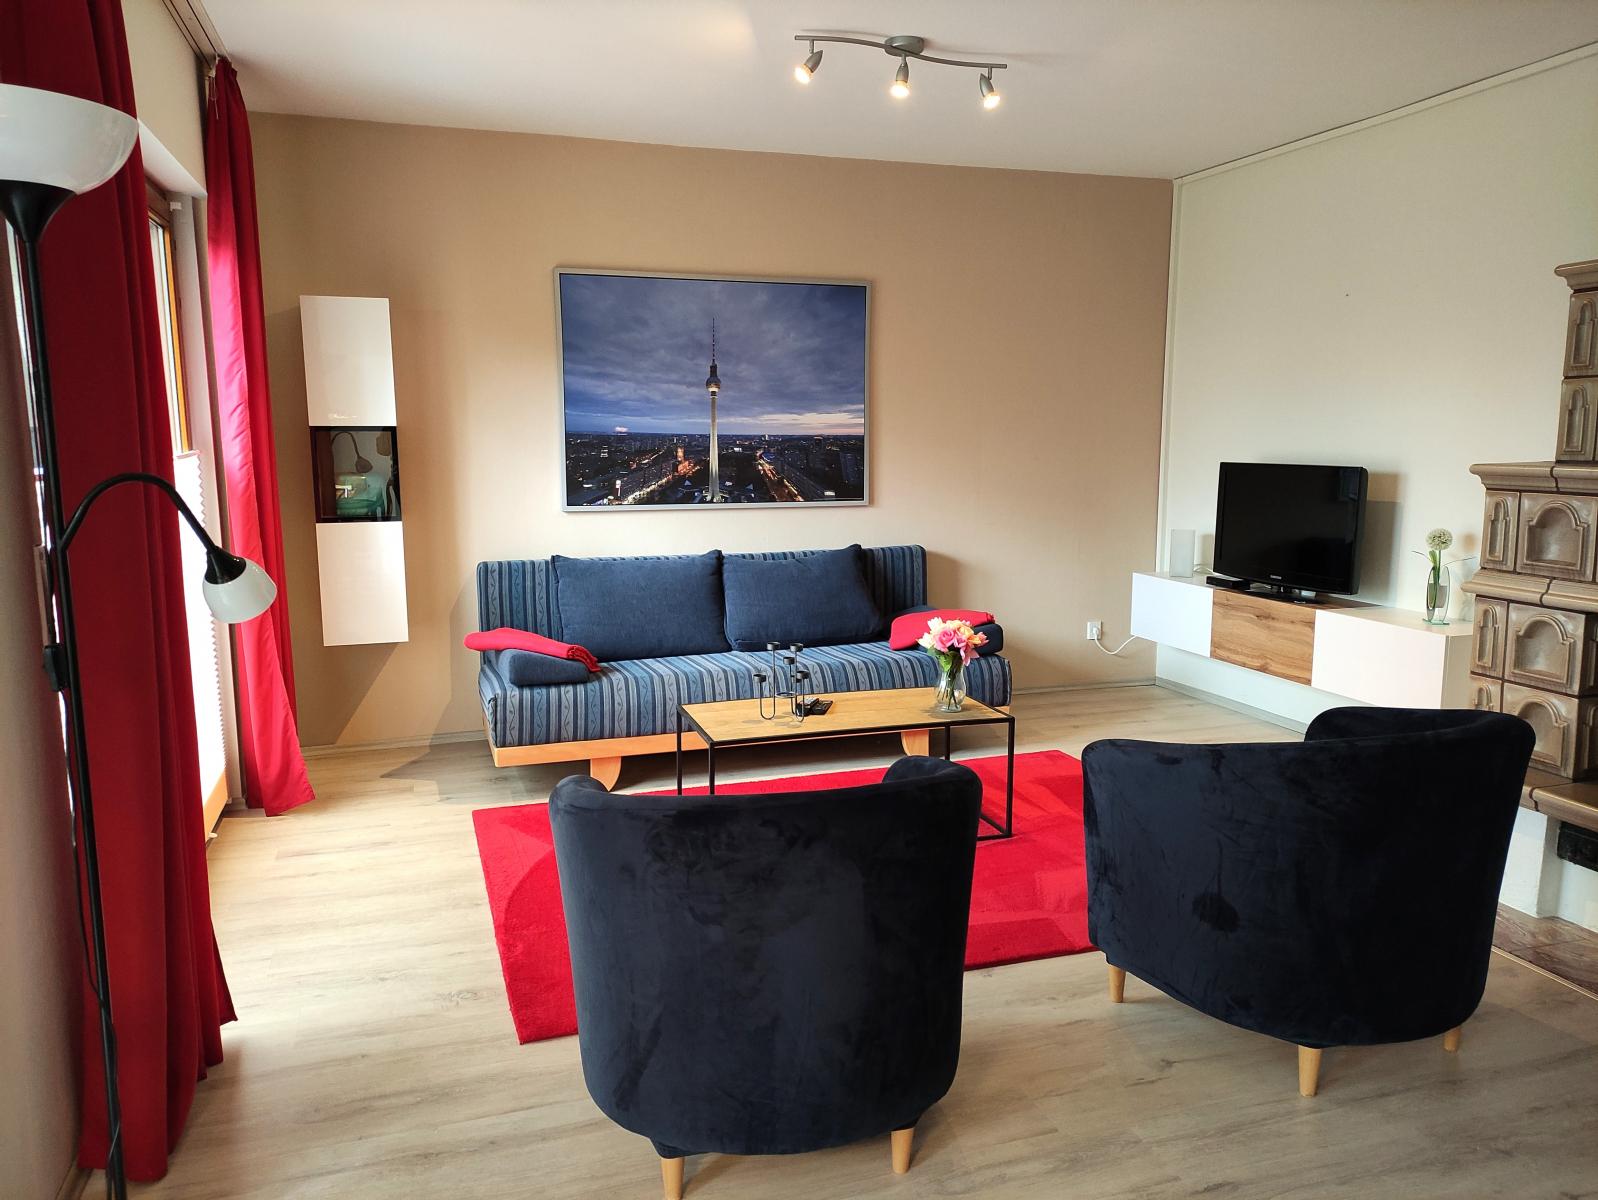 ab 75 ferienwohnung 1 haus erhard in berlin lichtenrade ferienwohnung in berlin. Black Bedroom Furniture Sets. Home Design Ideas